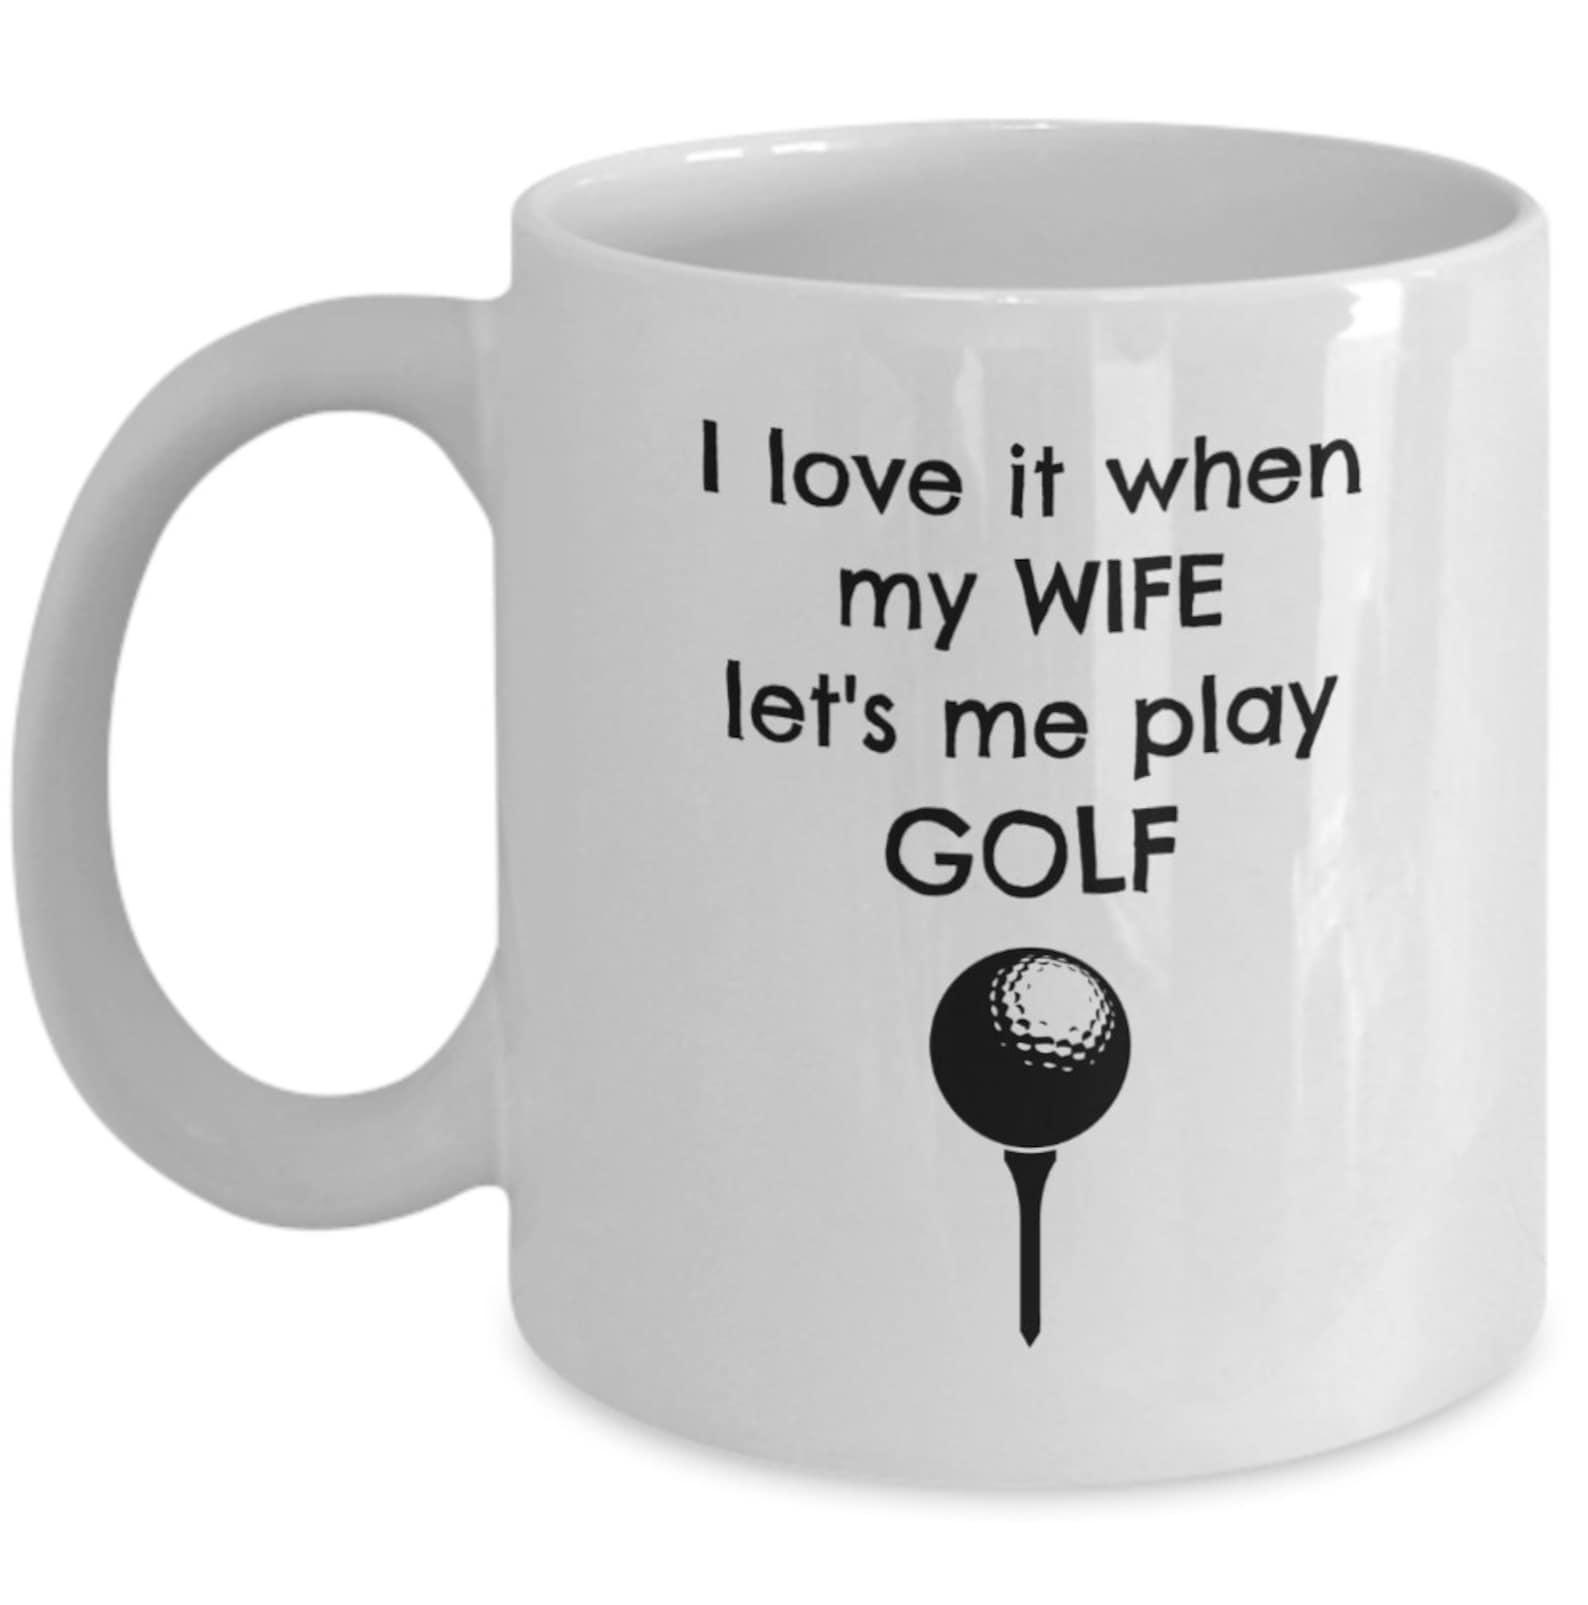 Golf-Becher ich liebe es wenn meine Frau lassen Sie mich